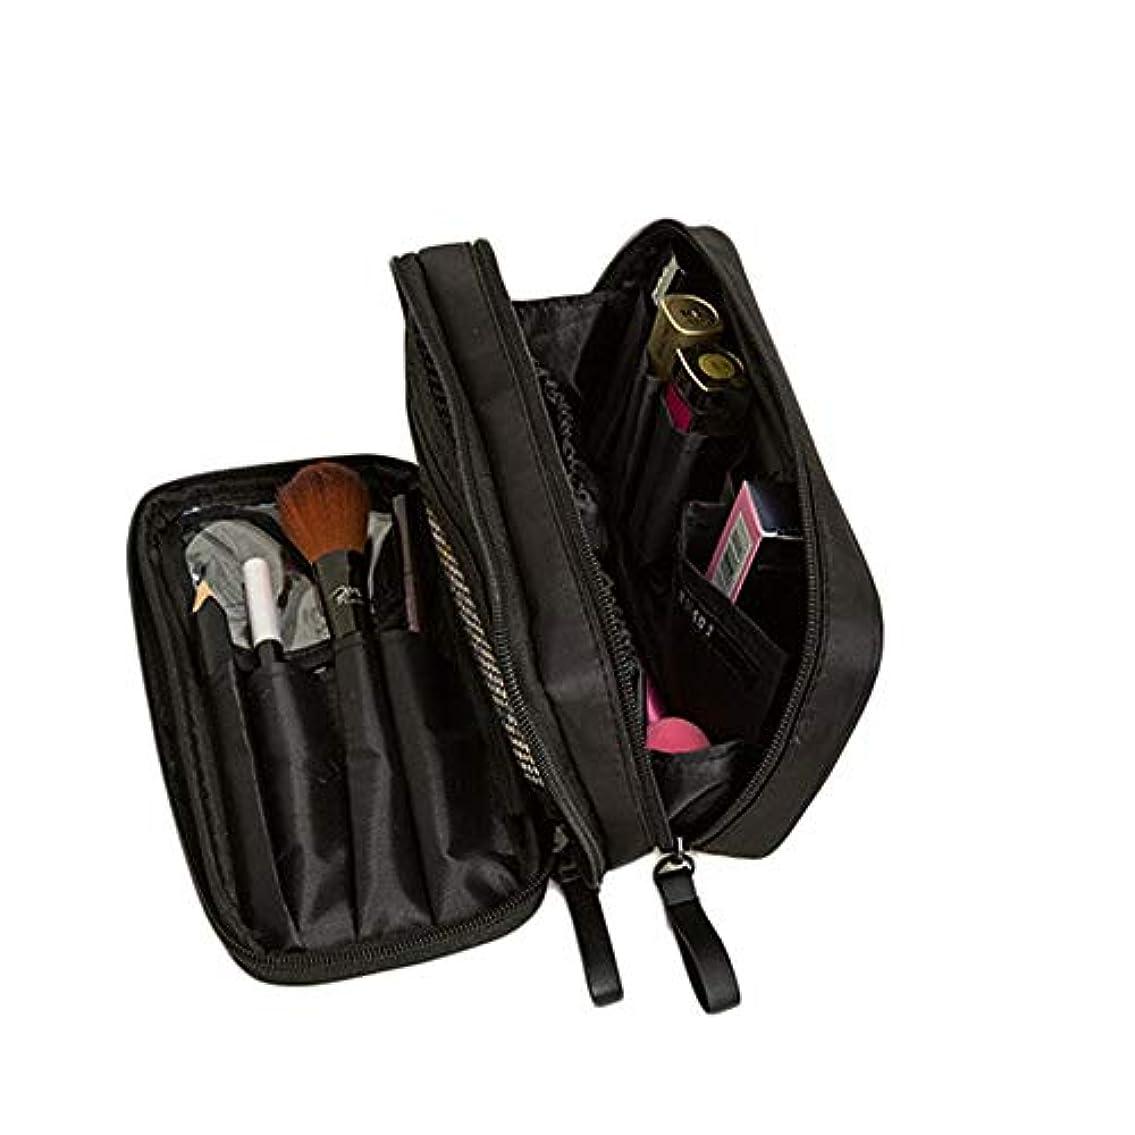 気絶させる梨蛇行特大スペース収納ビューティーボックス 携帯用化粧品袋、専門の化粧品袋の札入れの旅行者の密集した二重層化粧品/化粧品のブラシ袋の女性、旅行/電車セットの貯蔵袋。 化粧品化粧台 (色 : ブラック)